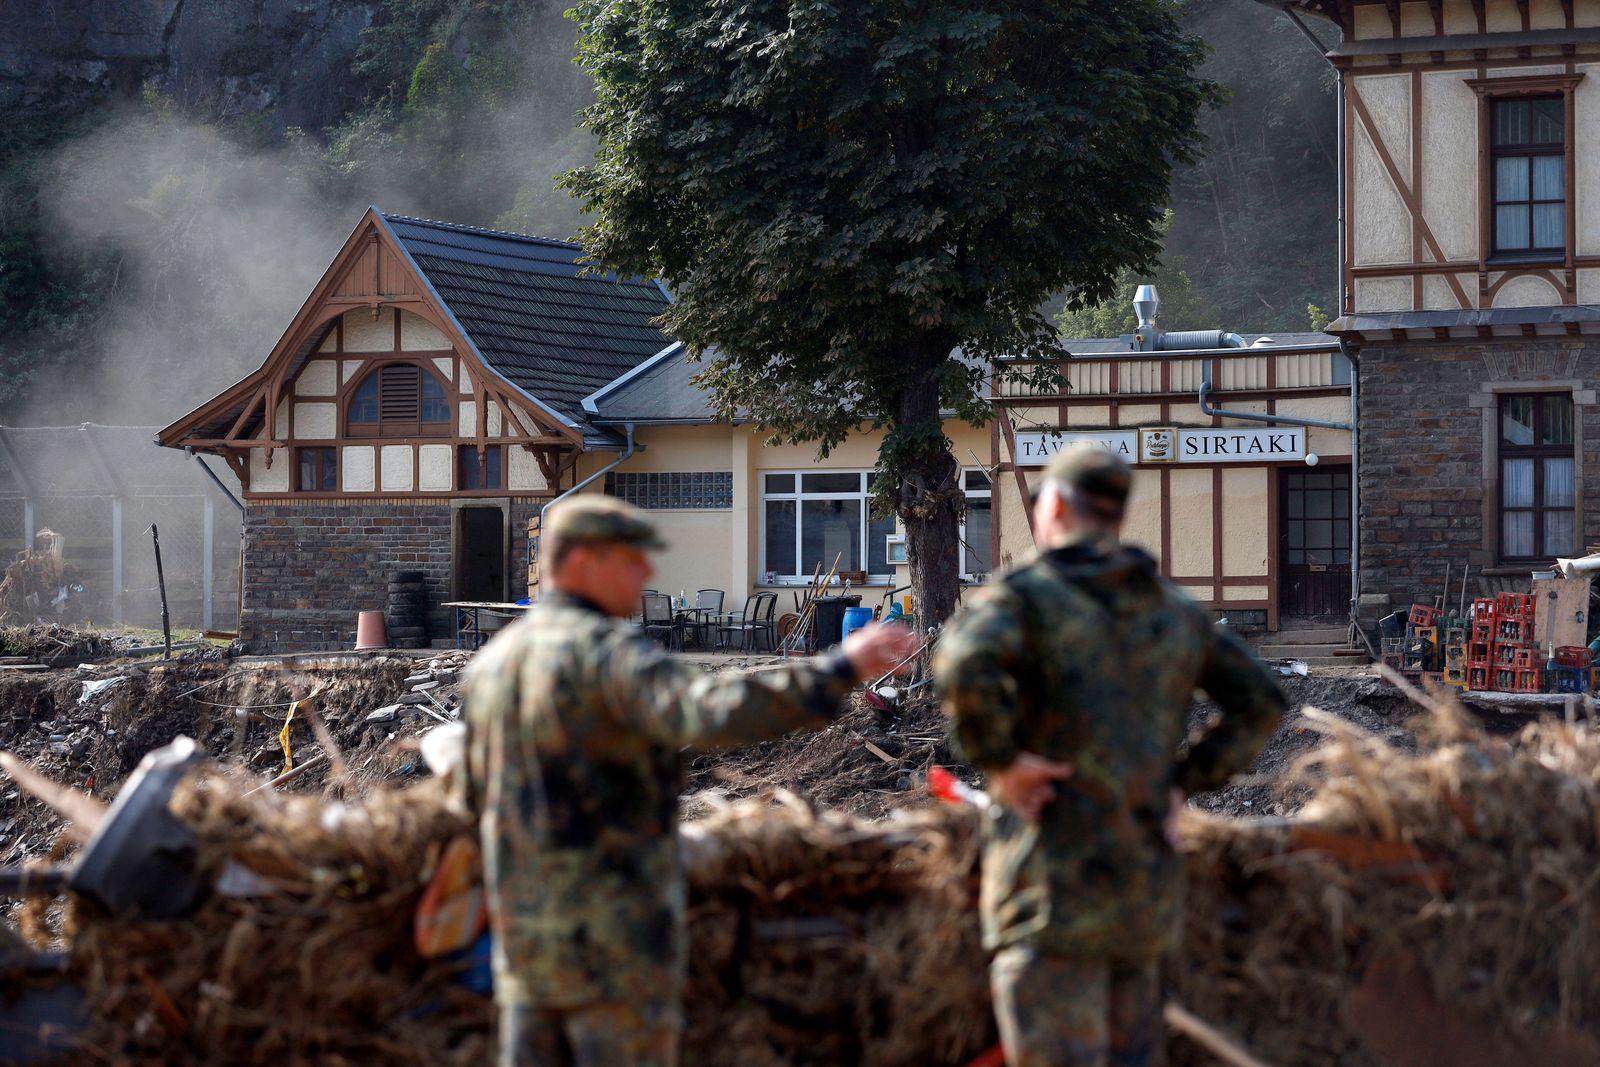 Nach dem Jahrhunderthochwasser in der Eifel durch heftige Regenfälle und Dauerregen mit Überschwemmungen und Überflutun